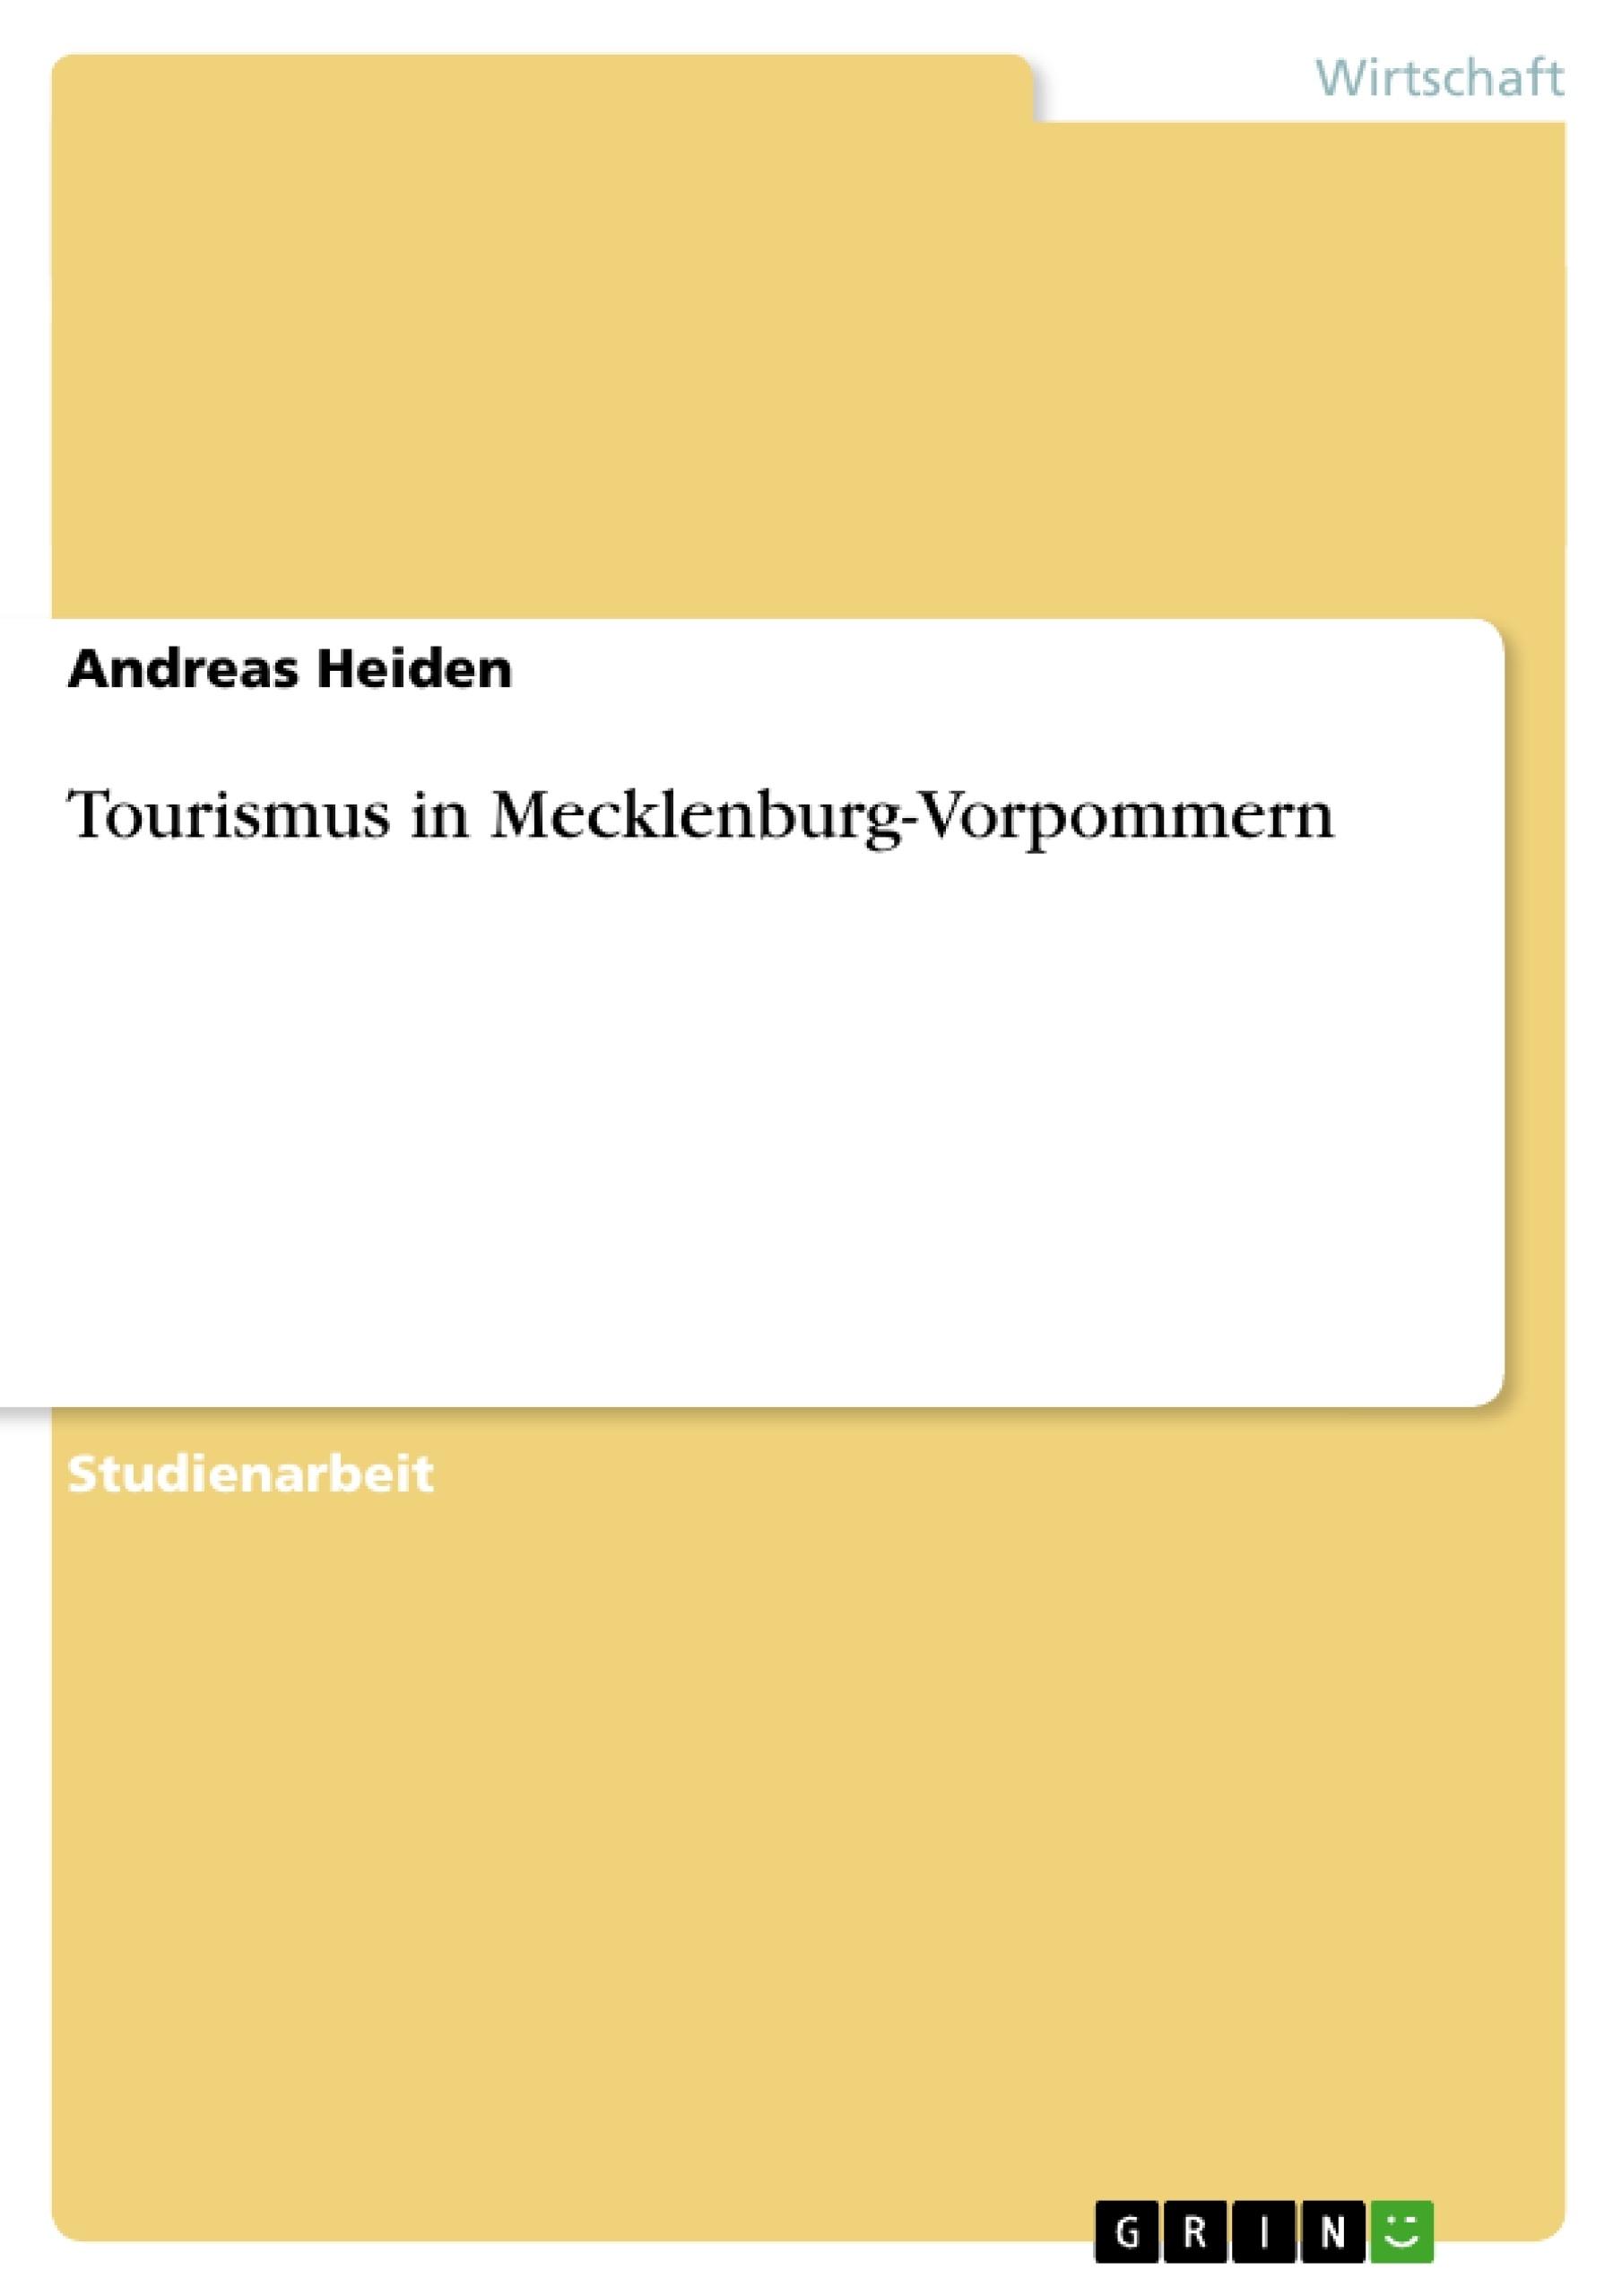 Titel: Tourismus in Mecklenburg-Vorpommern